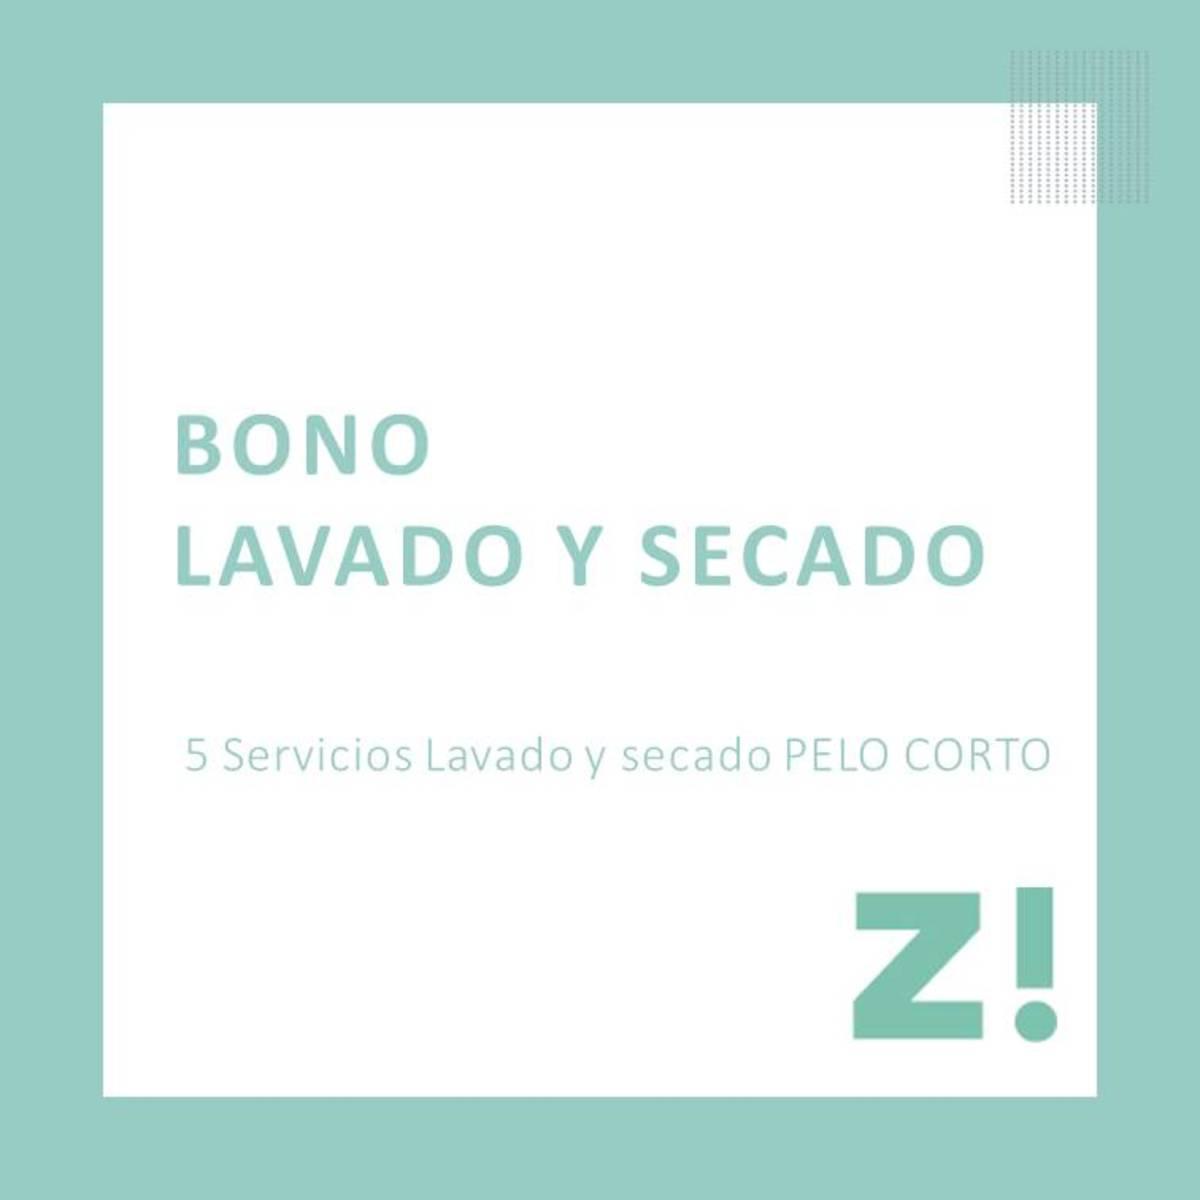 Bono 5 servicios lavado y secado pelo corto para canjear en Passaró Magaly